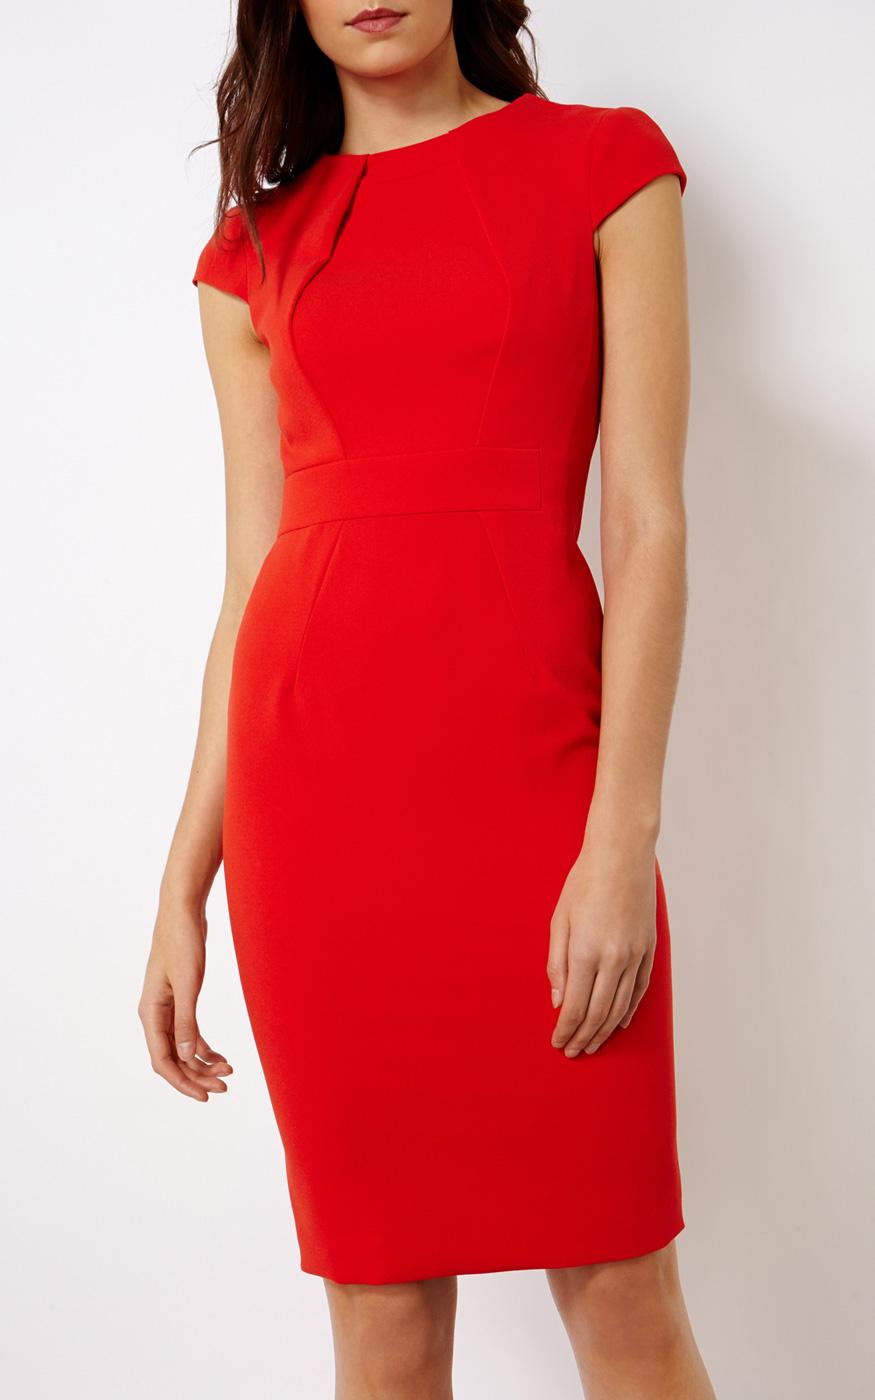 Karen Millen Red Pencil Dress In Red | Lyst